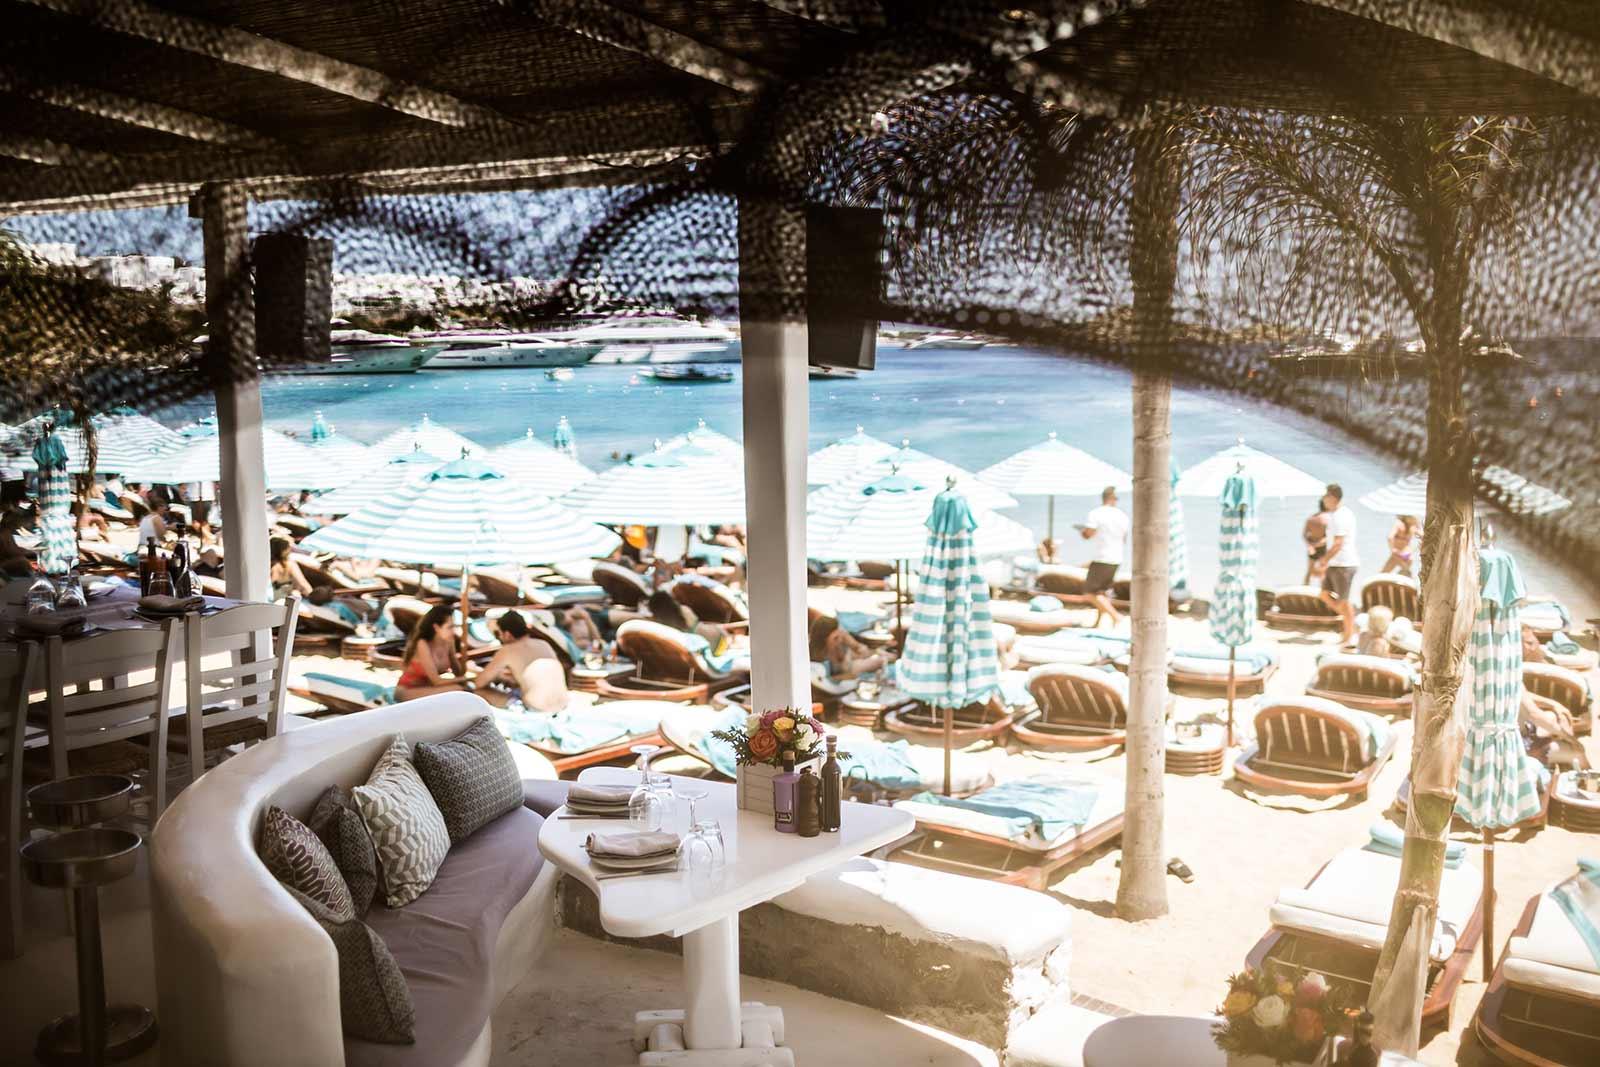 Mykonos Beach Bar Nammos Loses Its License Scoop Empire